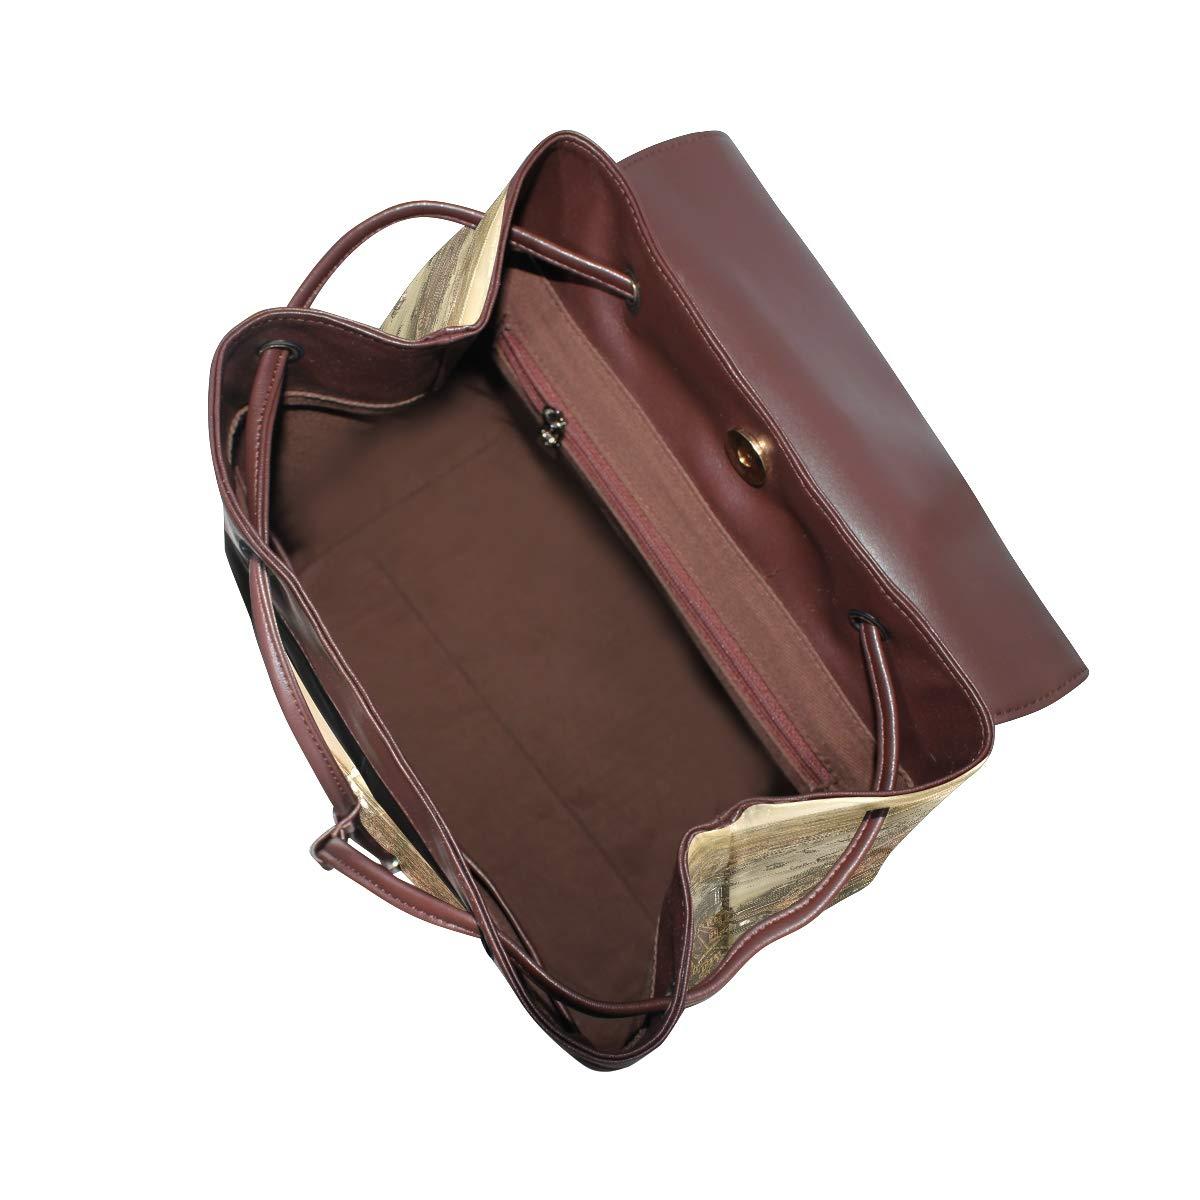 MALPLENA Daypack Manhattan Schulranzen Reiserucksack B07H7ZPZ4H Wanderruckscke Verbraucher Verbraucher Verbraucher zuerst fefcde